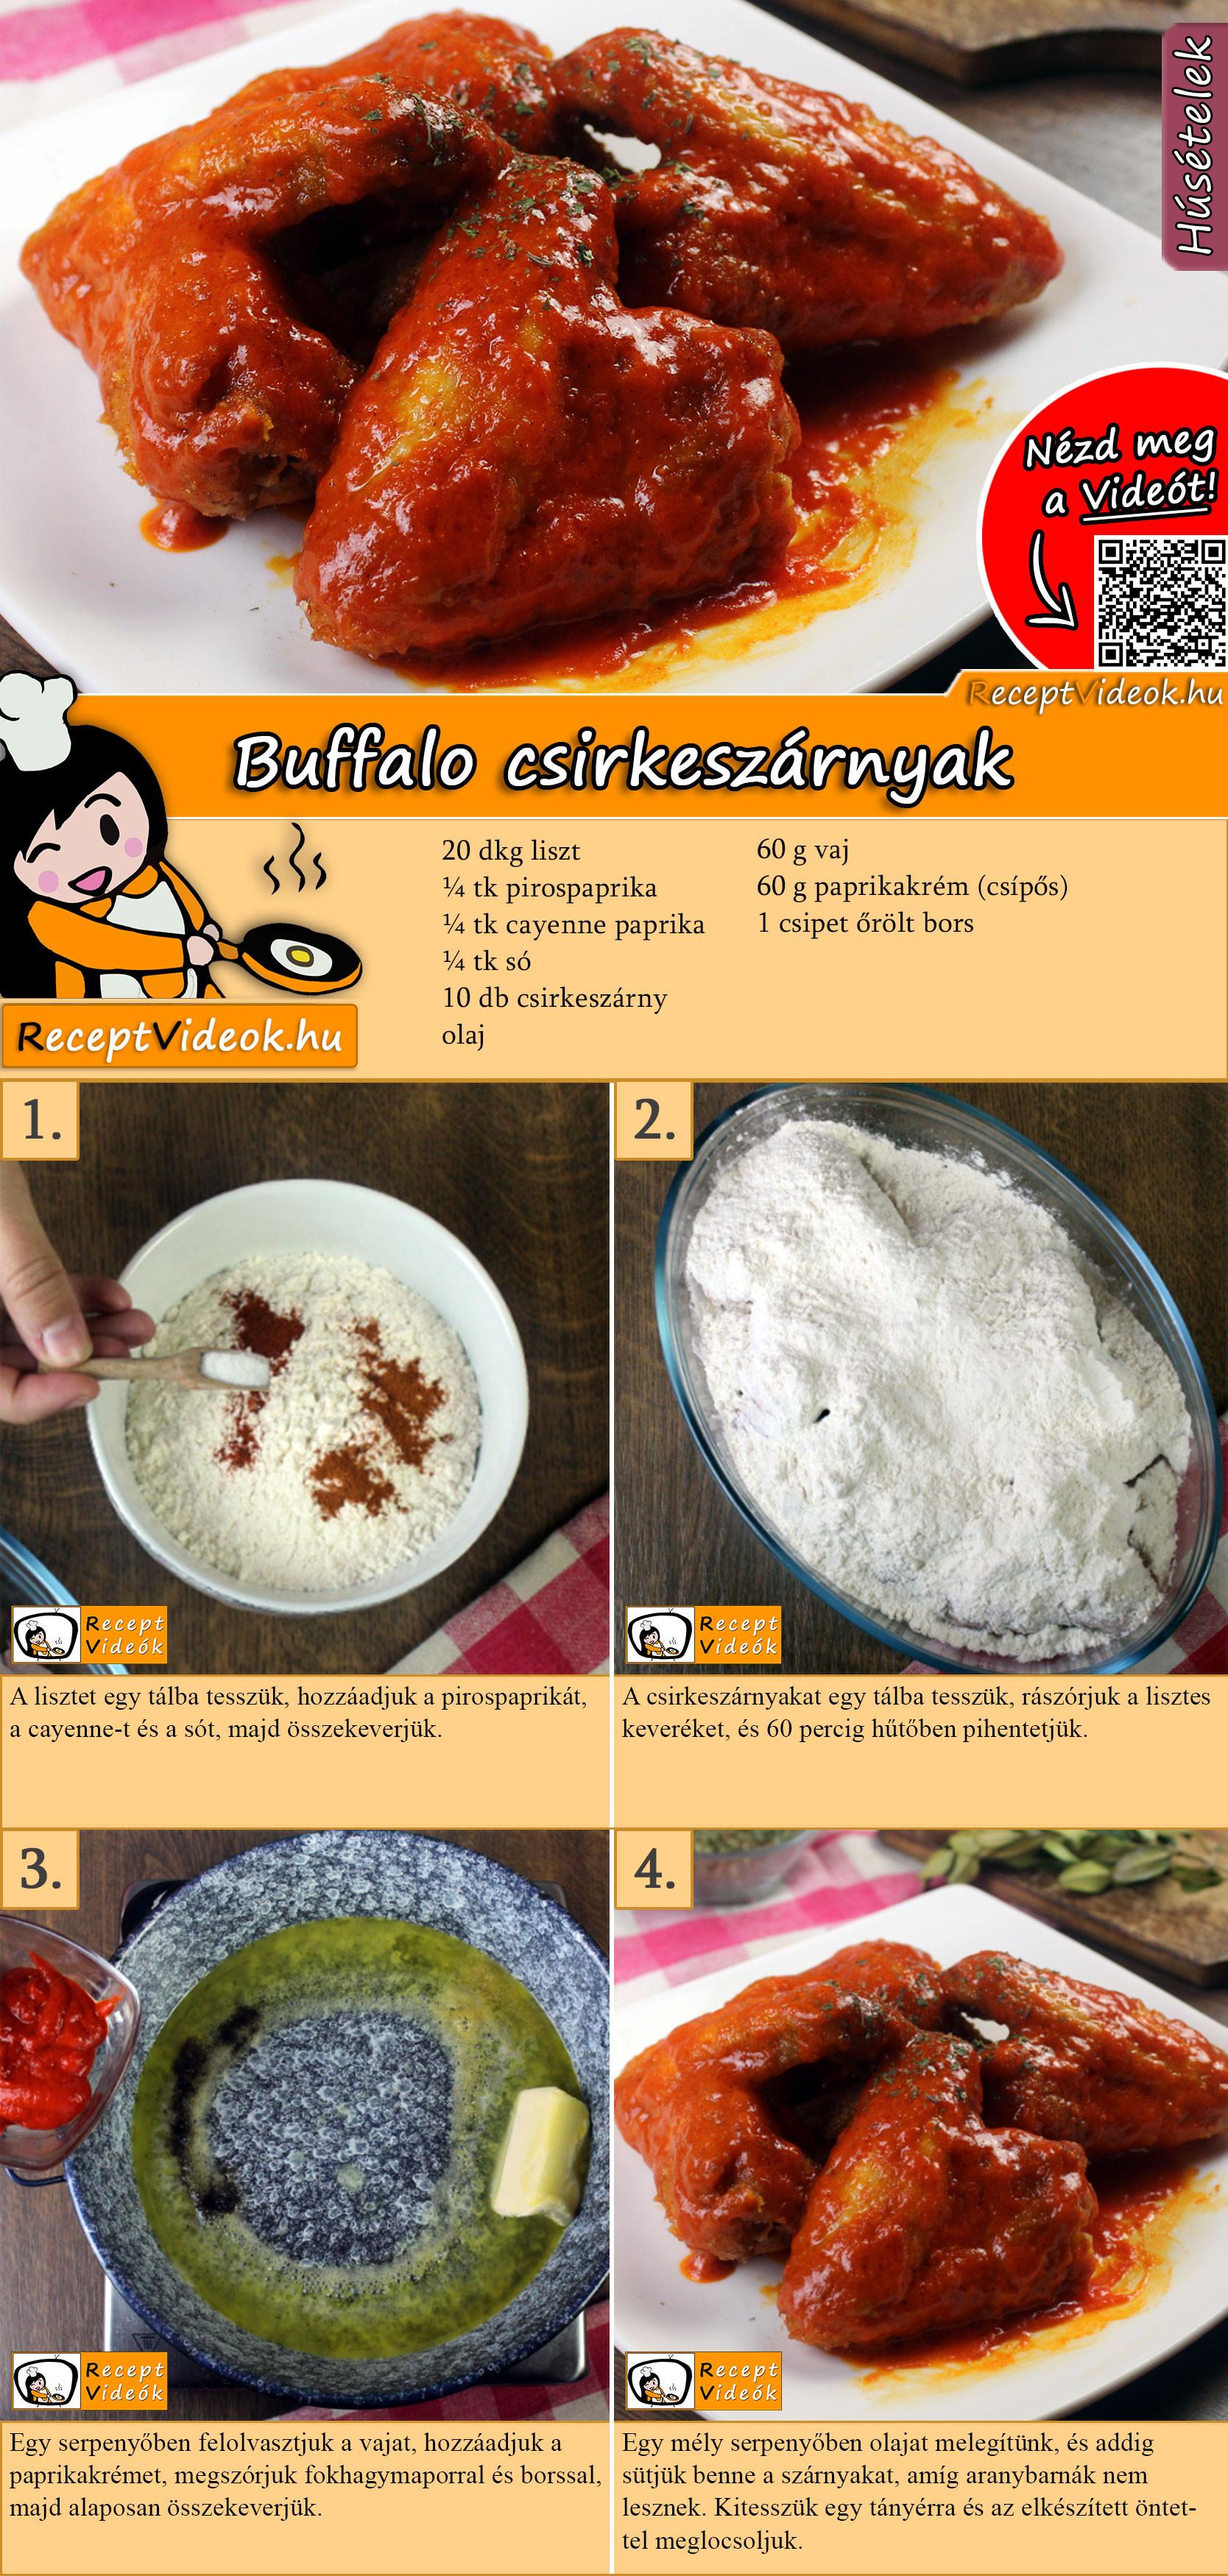 Buffalo csirkeszárnyak recept elkészítése videóval